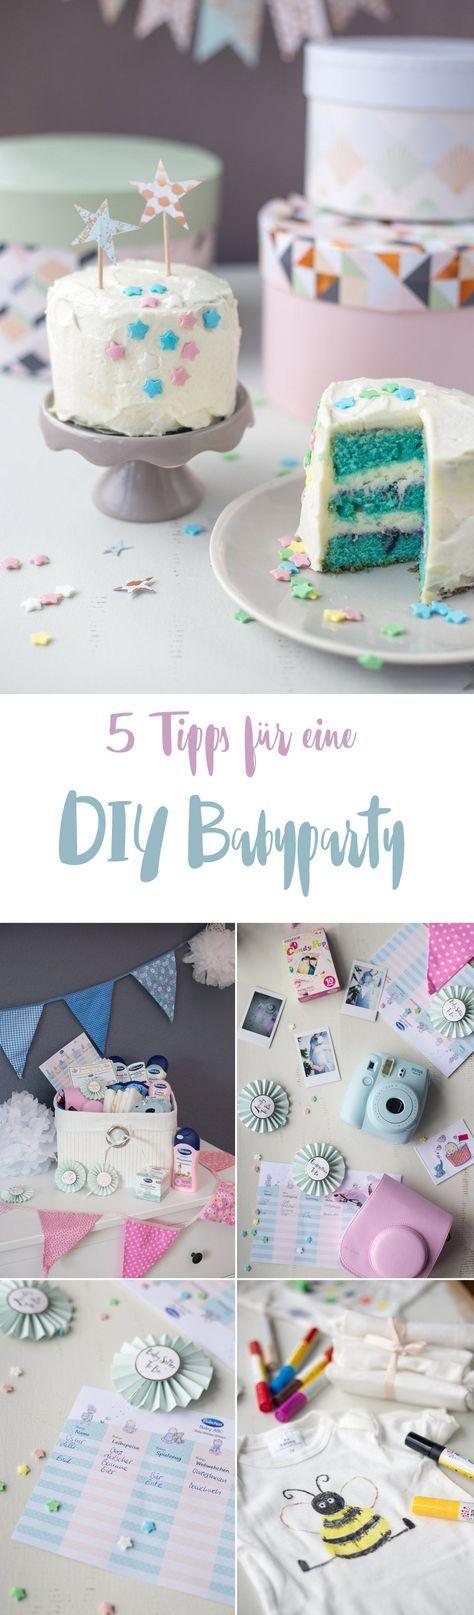 5 Tipps für eure DIY Babyparty - DIY Ideen, Tipps für Spiele, Rezepte und Deko - Inspiration für eine Baby Shower - inklusive GiveAway für einen Korb mit allem was ihr für eure Party braucht!